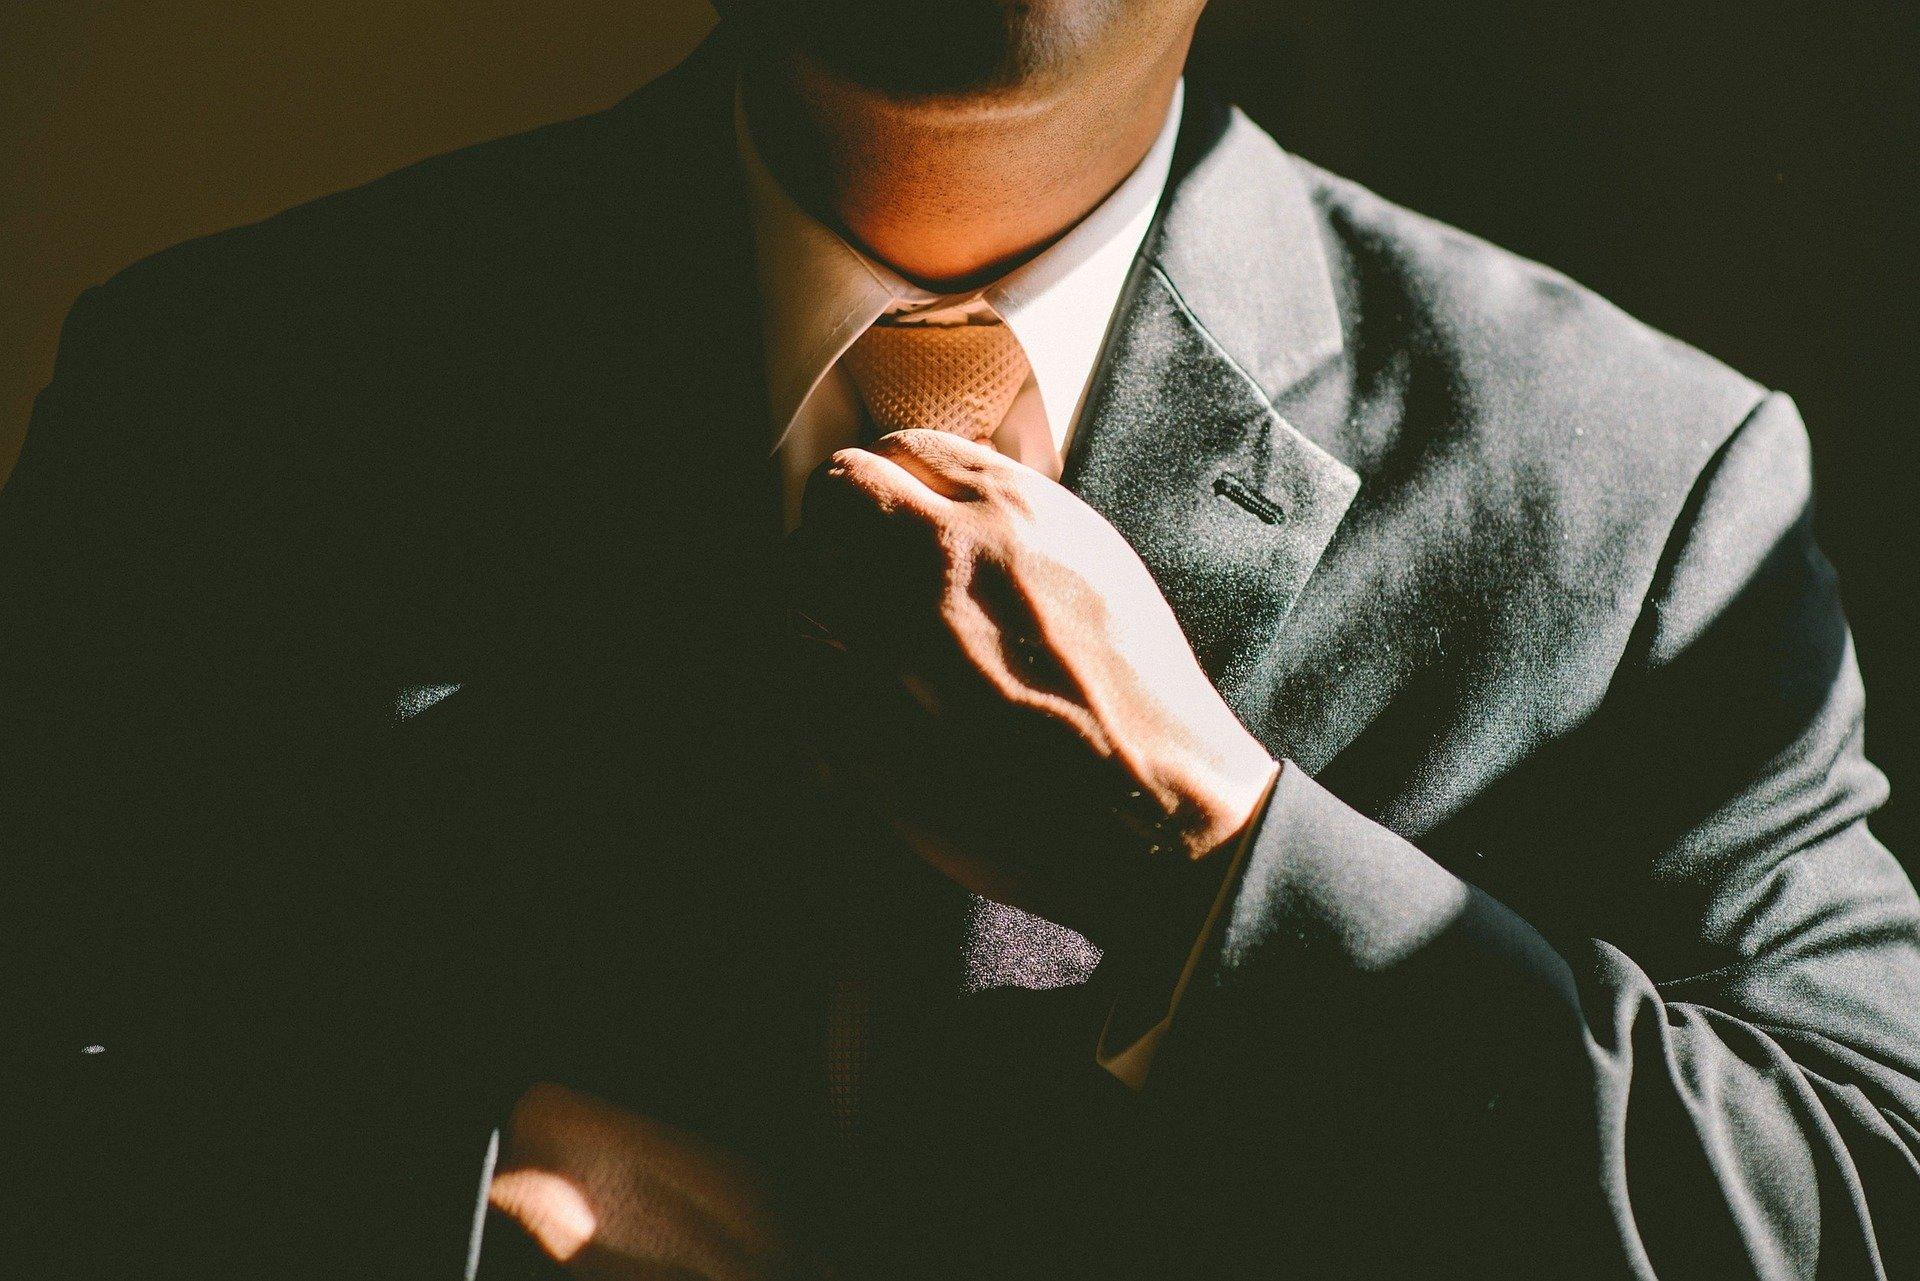 Imagem de 7 ideias de negócios em alta para ter seu próprio chefe